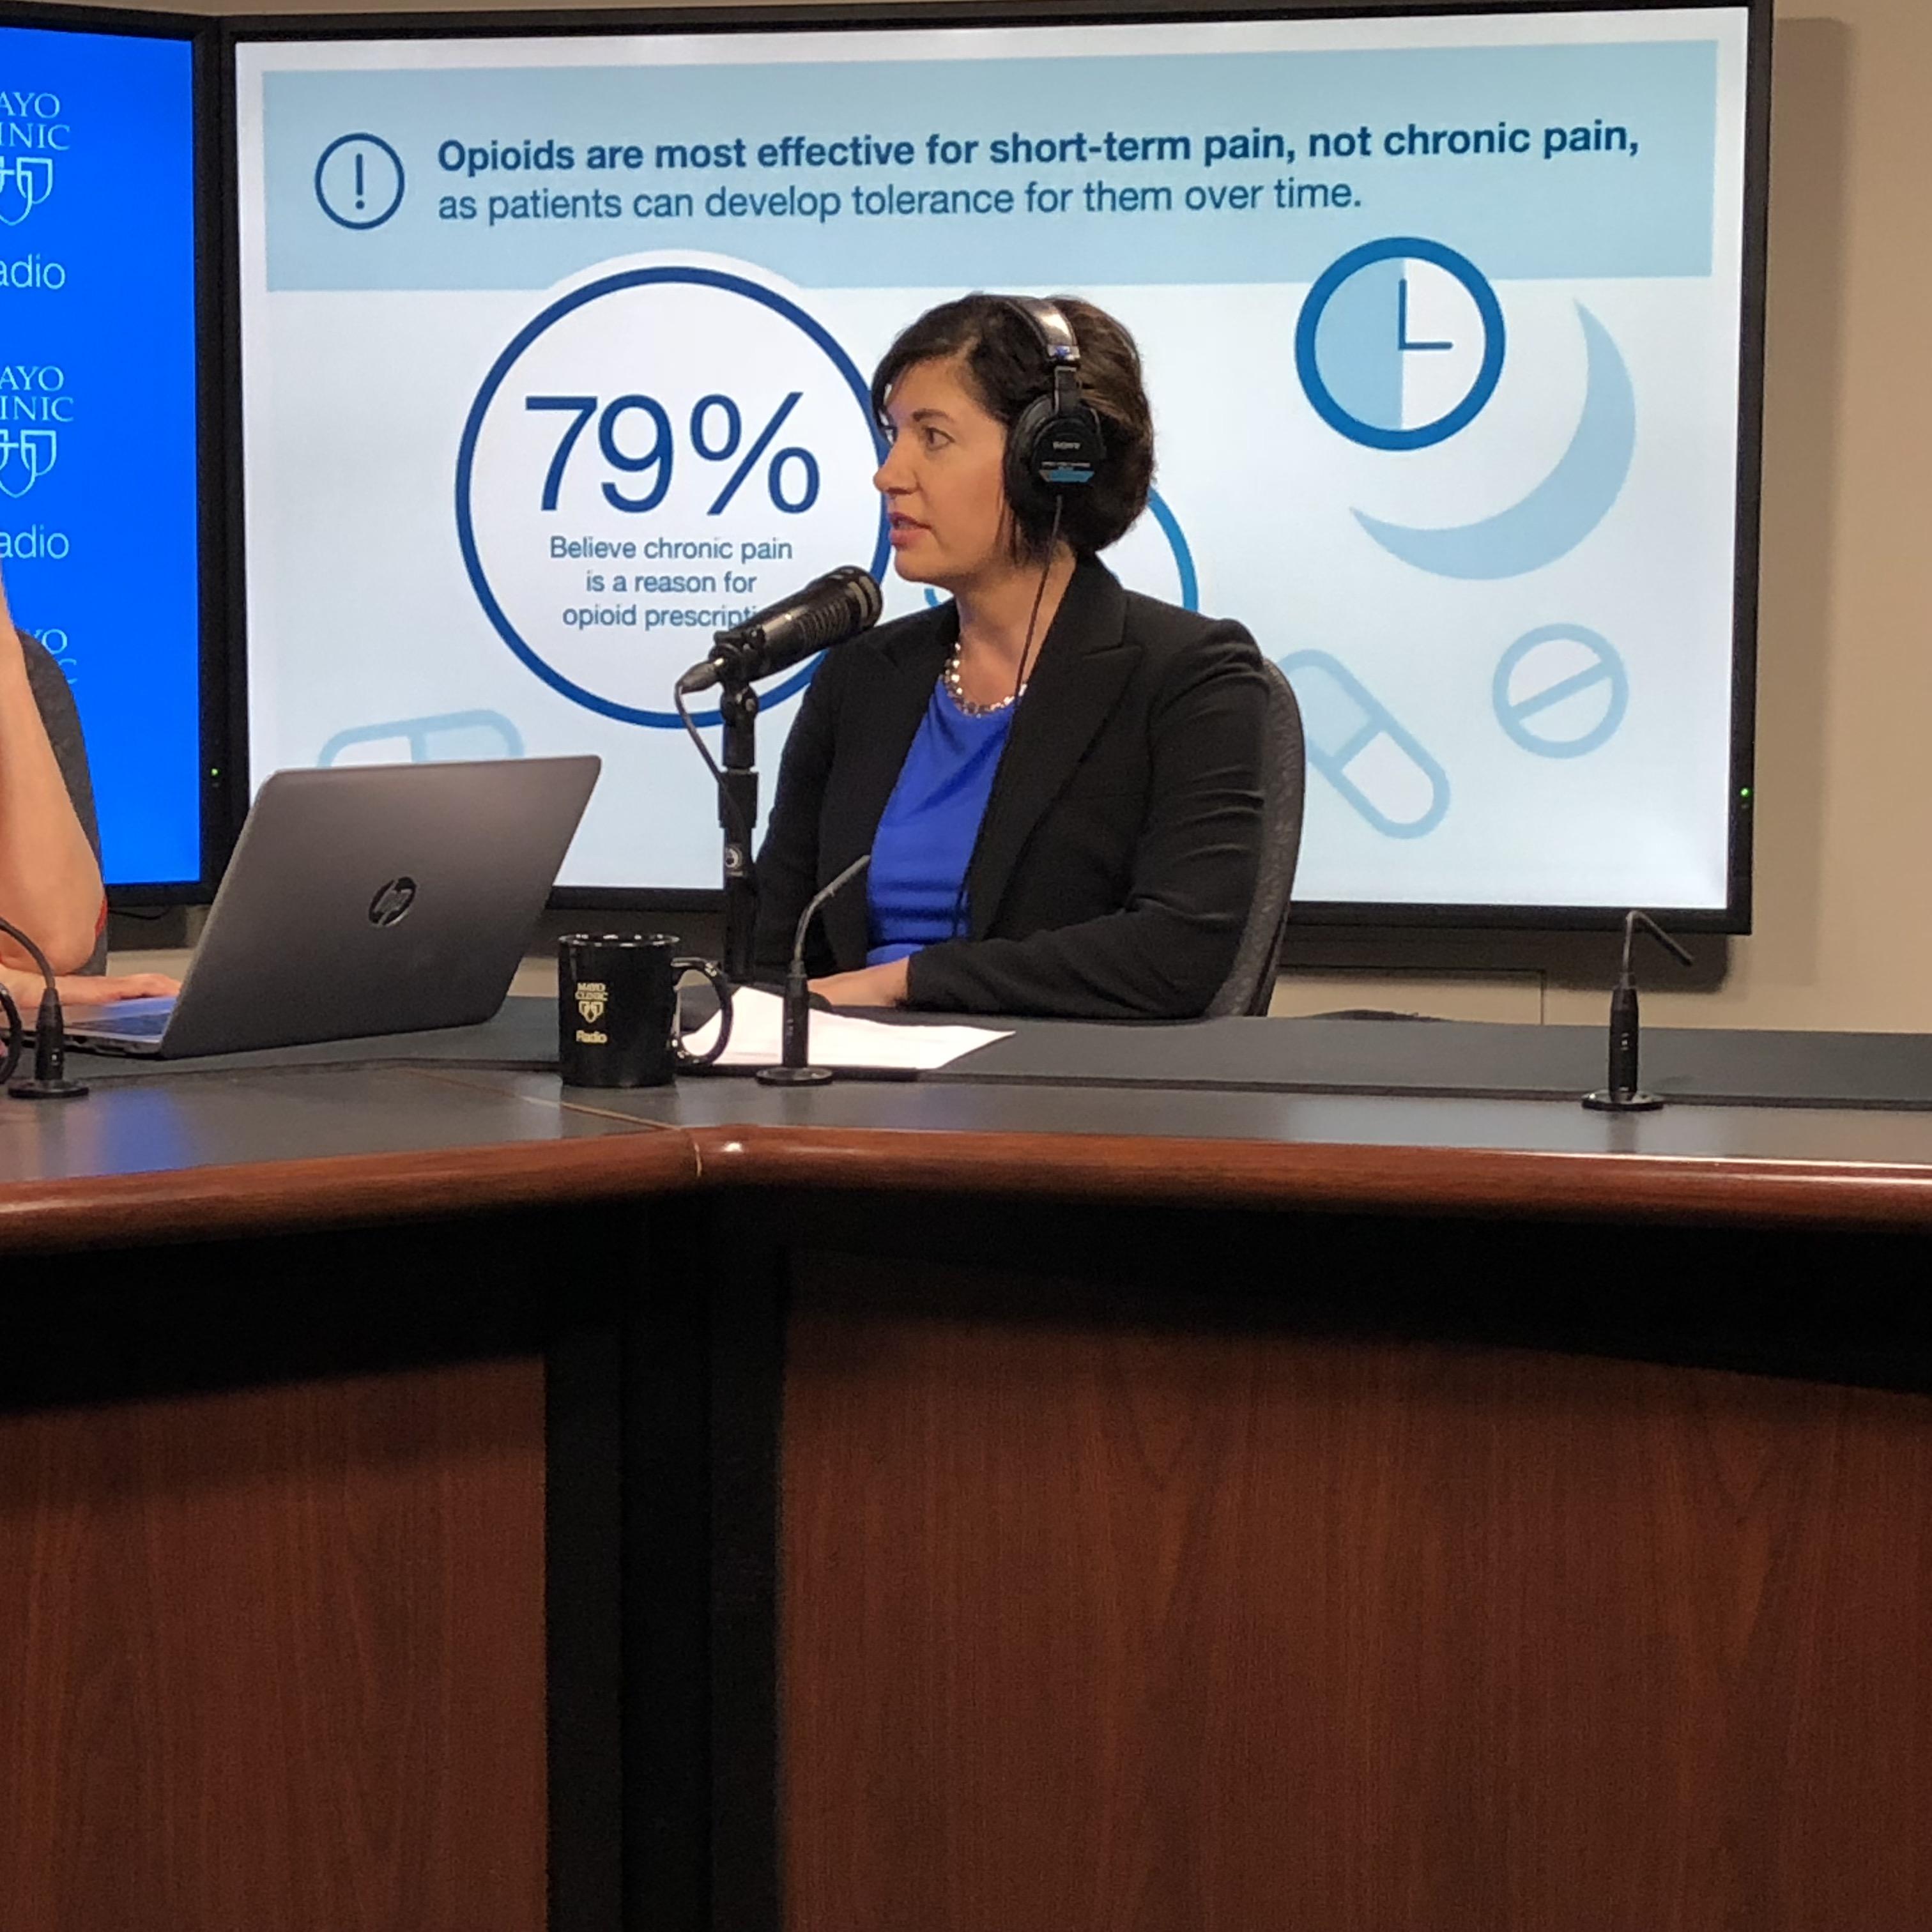 Dr. Halena Gazelka being interviewed on Mayo Clinic Radio